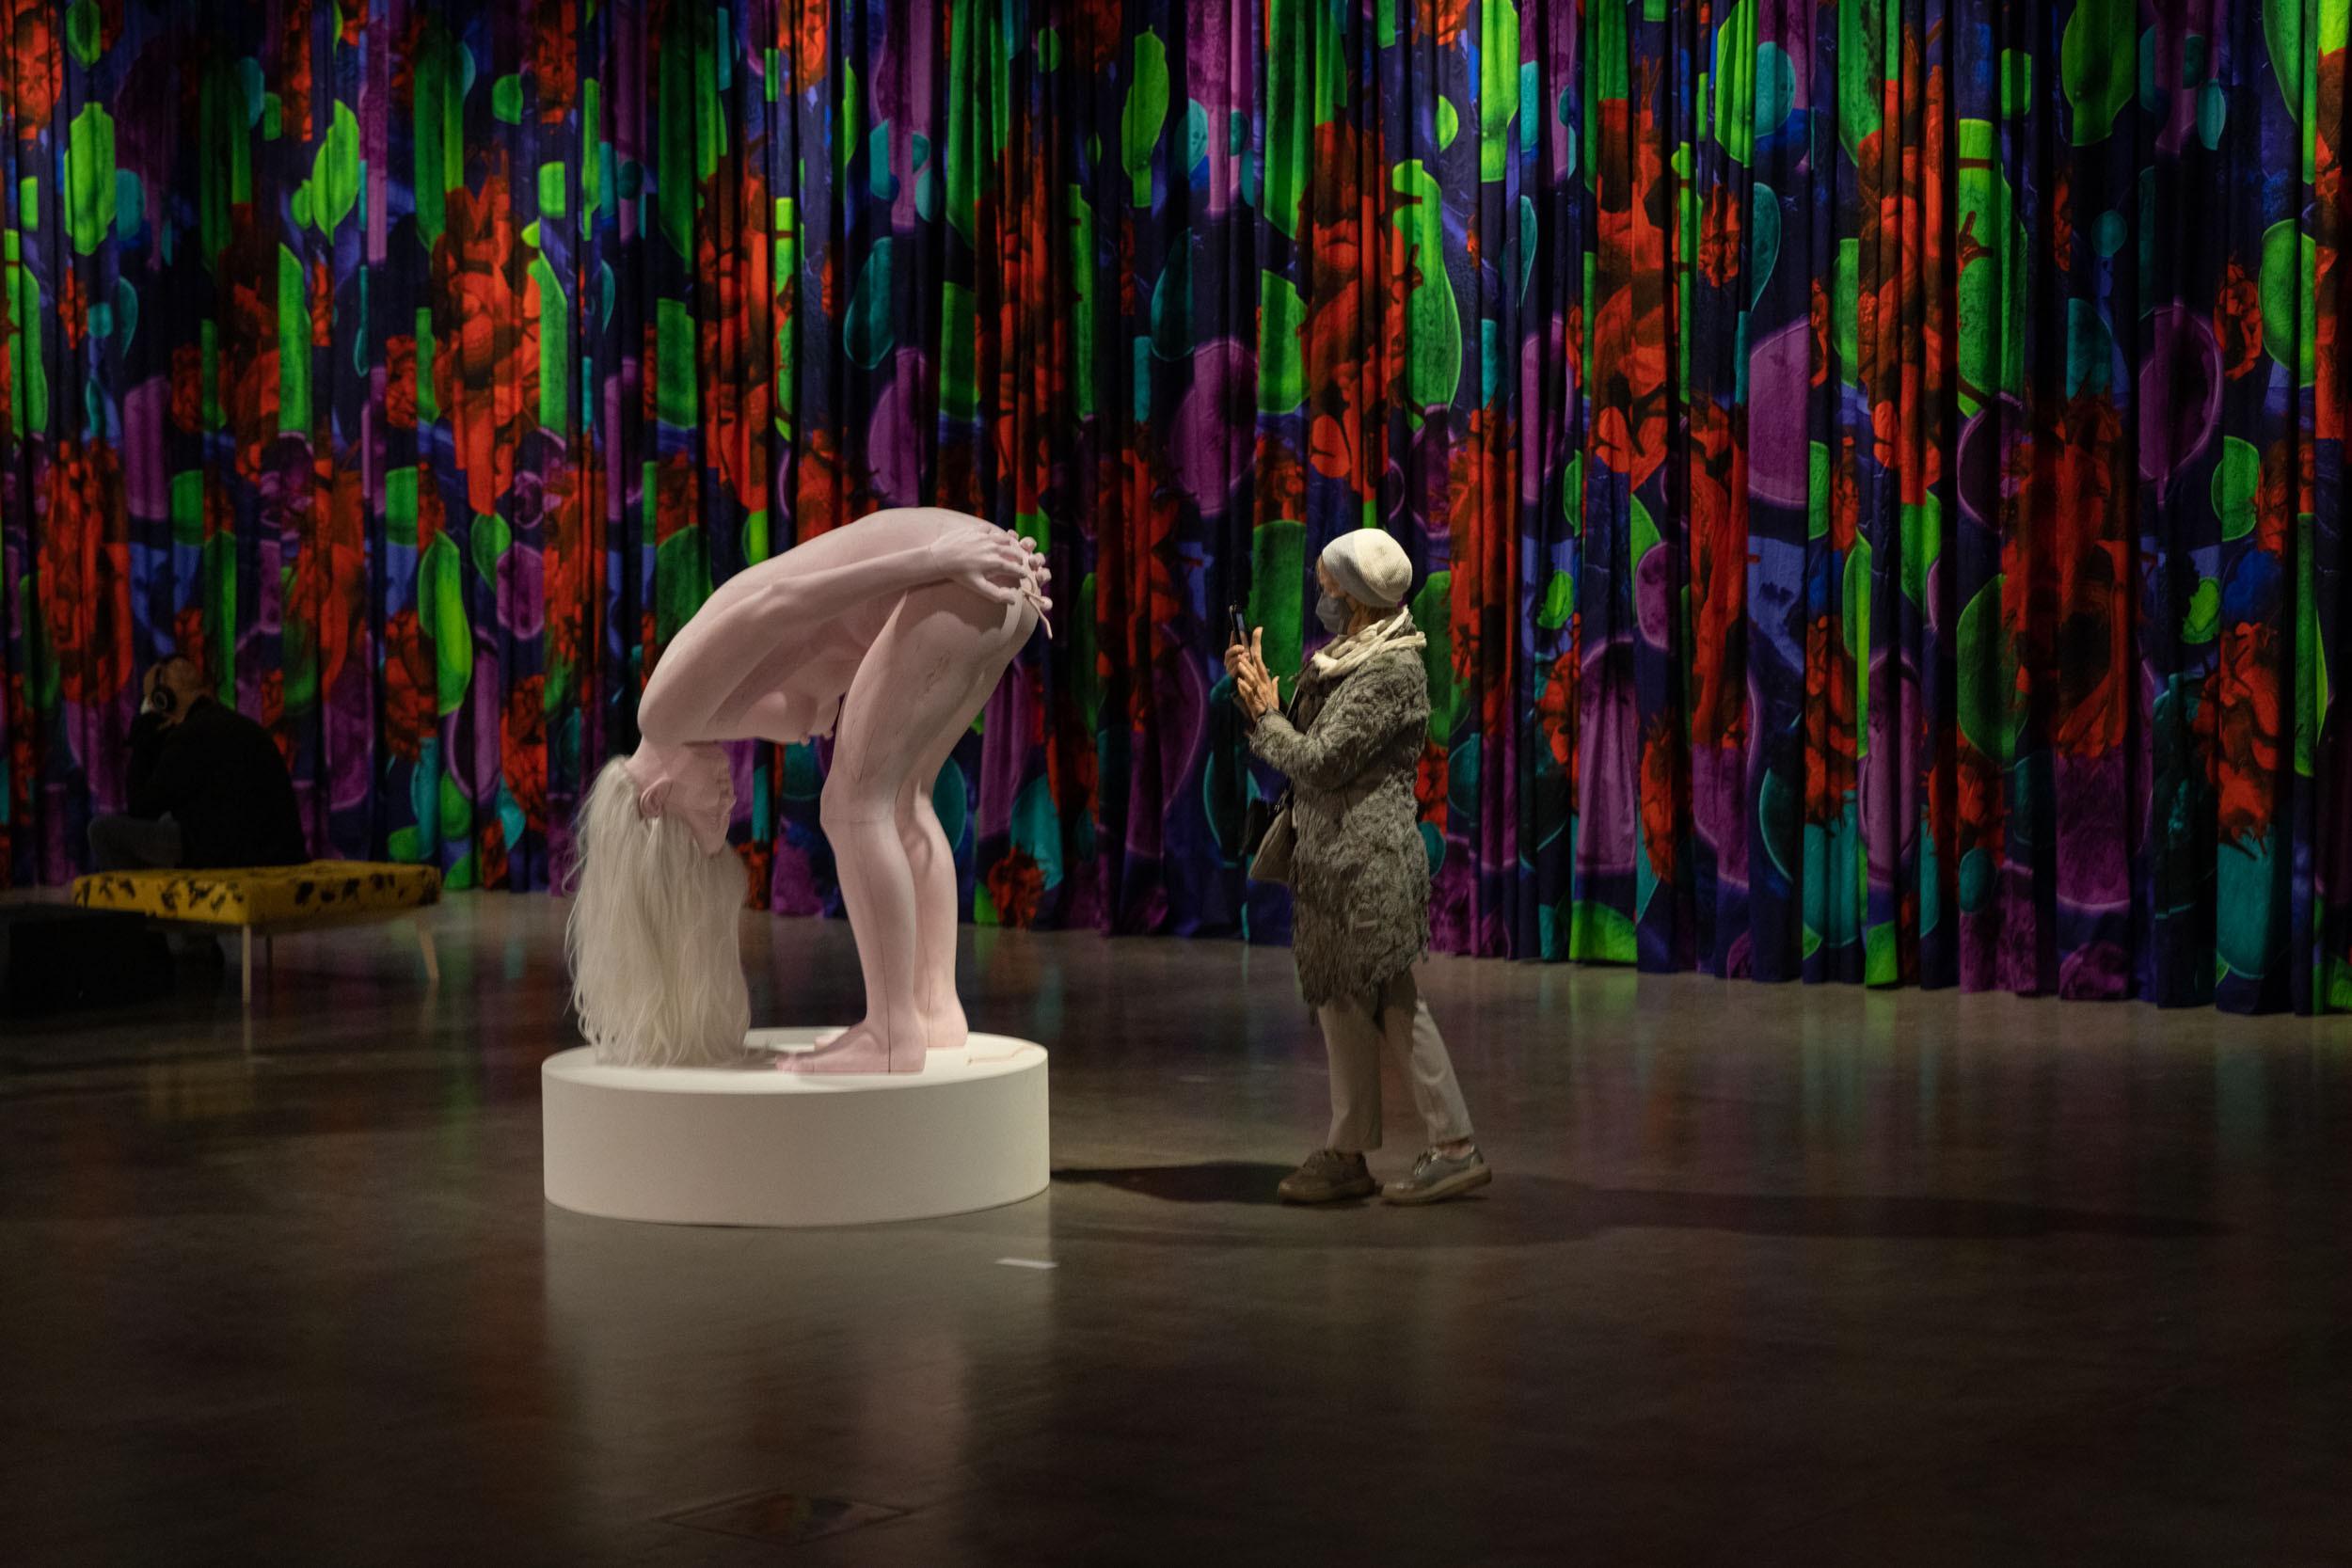 eSeL Fotos: Ines Doujak – Geistervölker (Kunsthalle Wien, 1.10.2021 - 16.1.2022, Eröffnung)